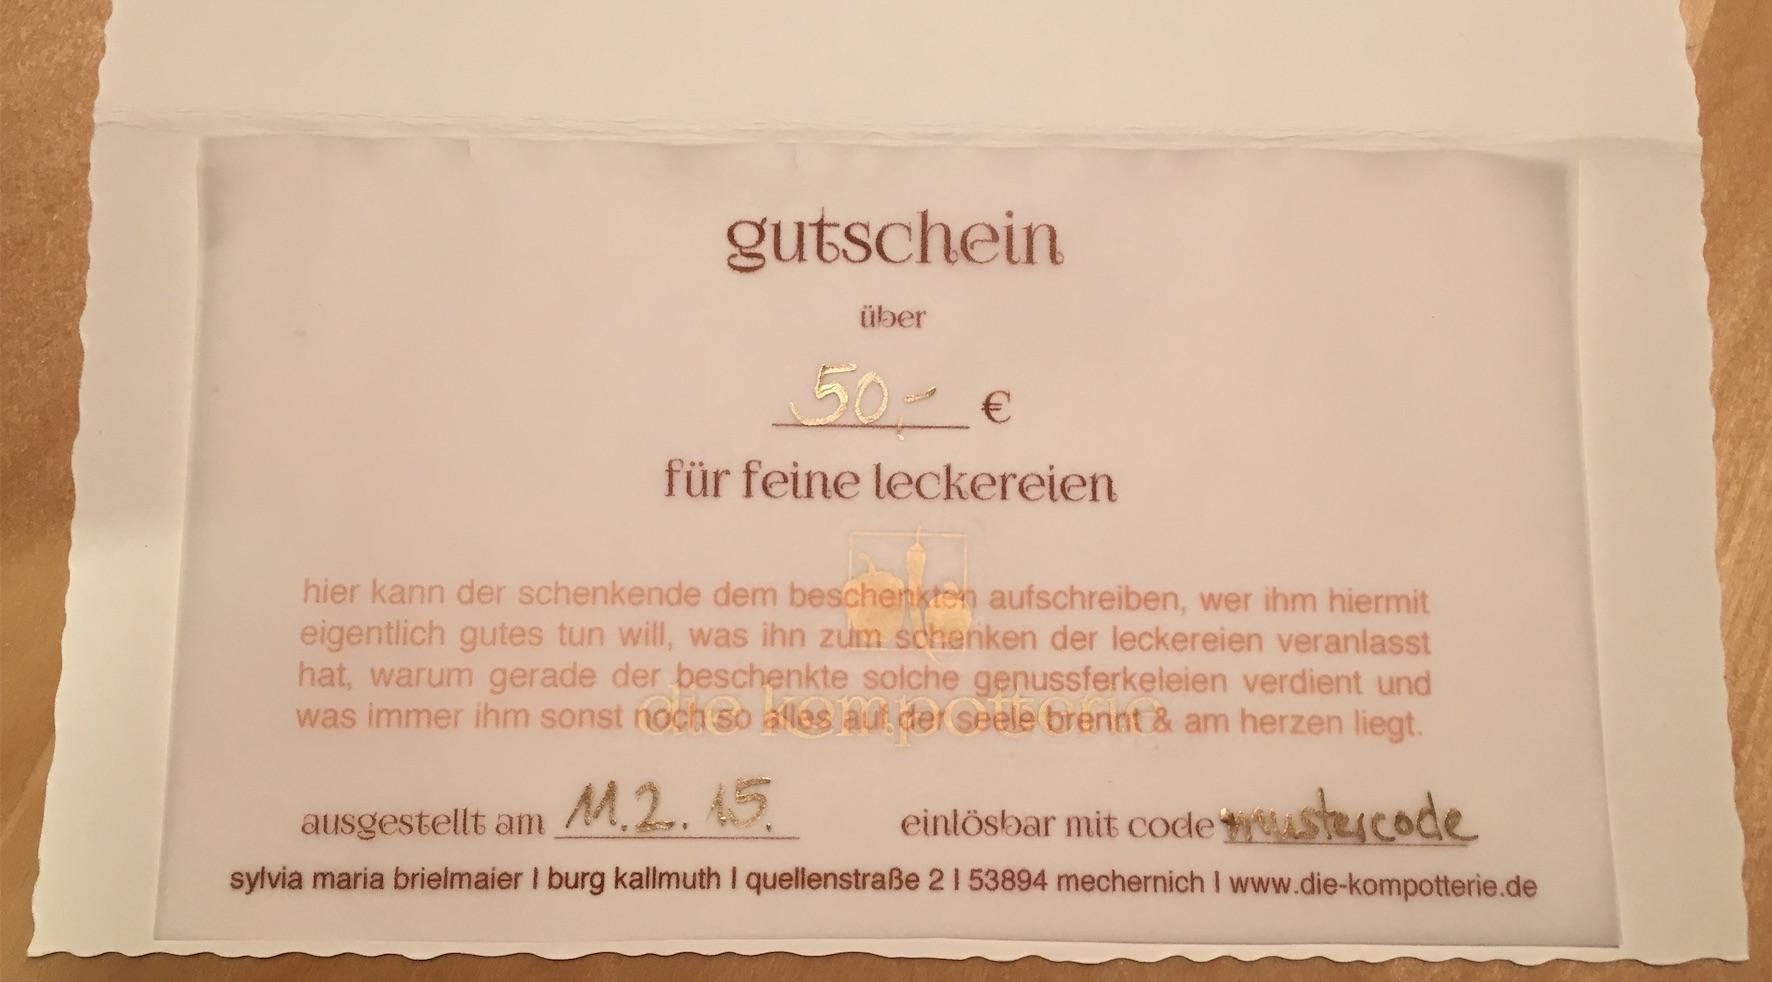 gutschein-innen-mit-beispiel-grusstext54dbb2f796b99